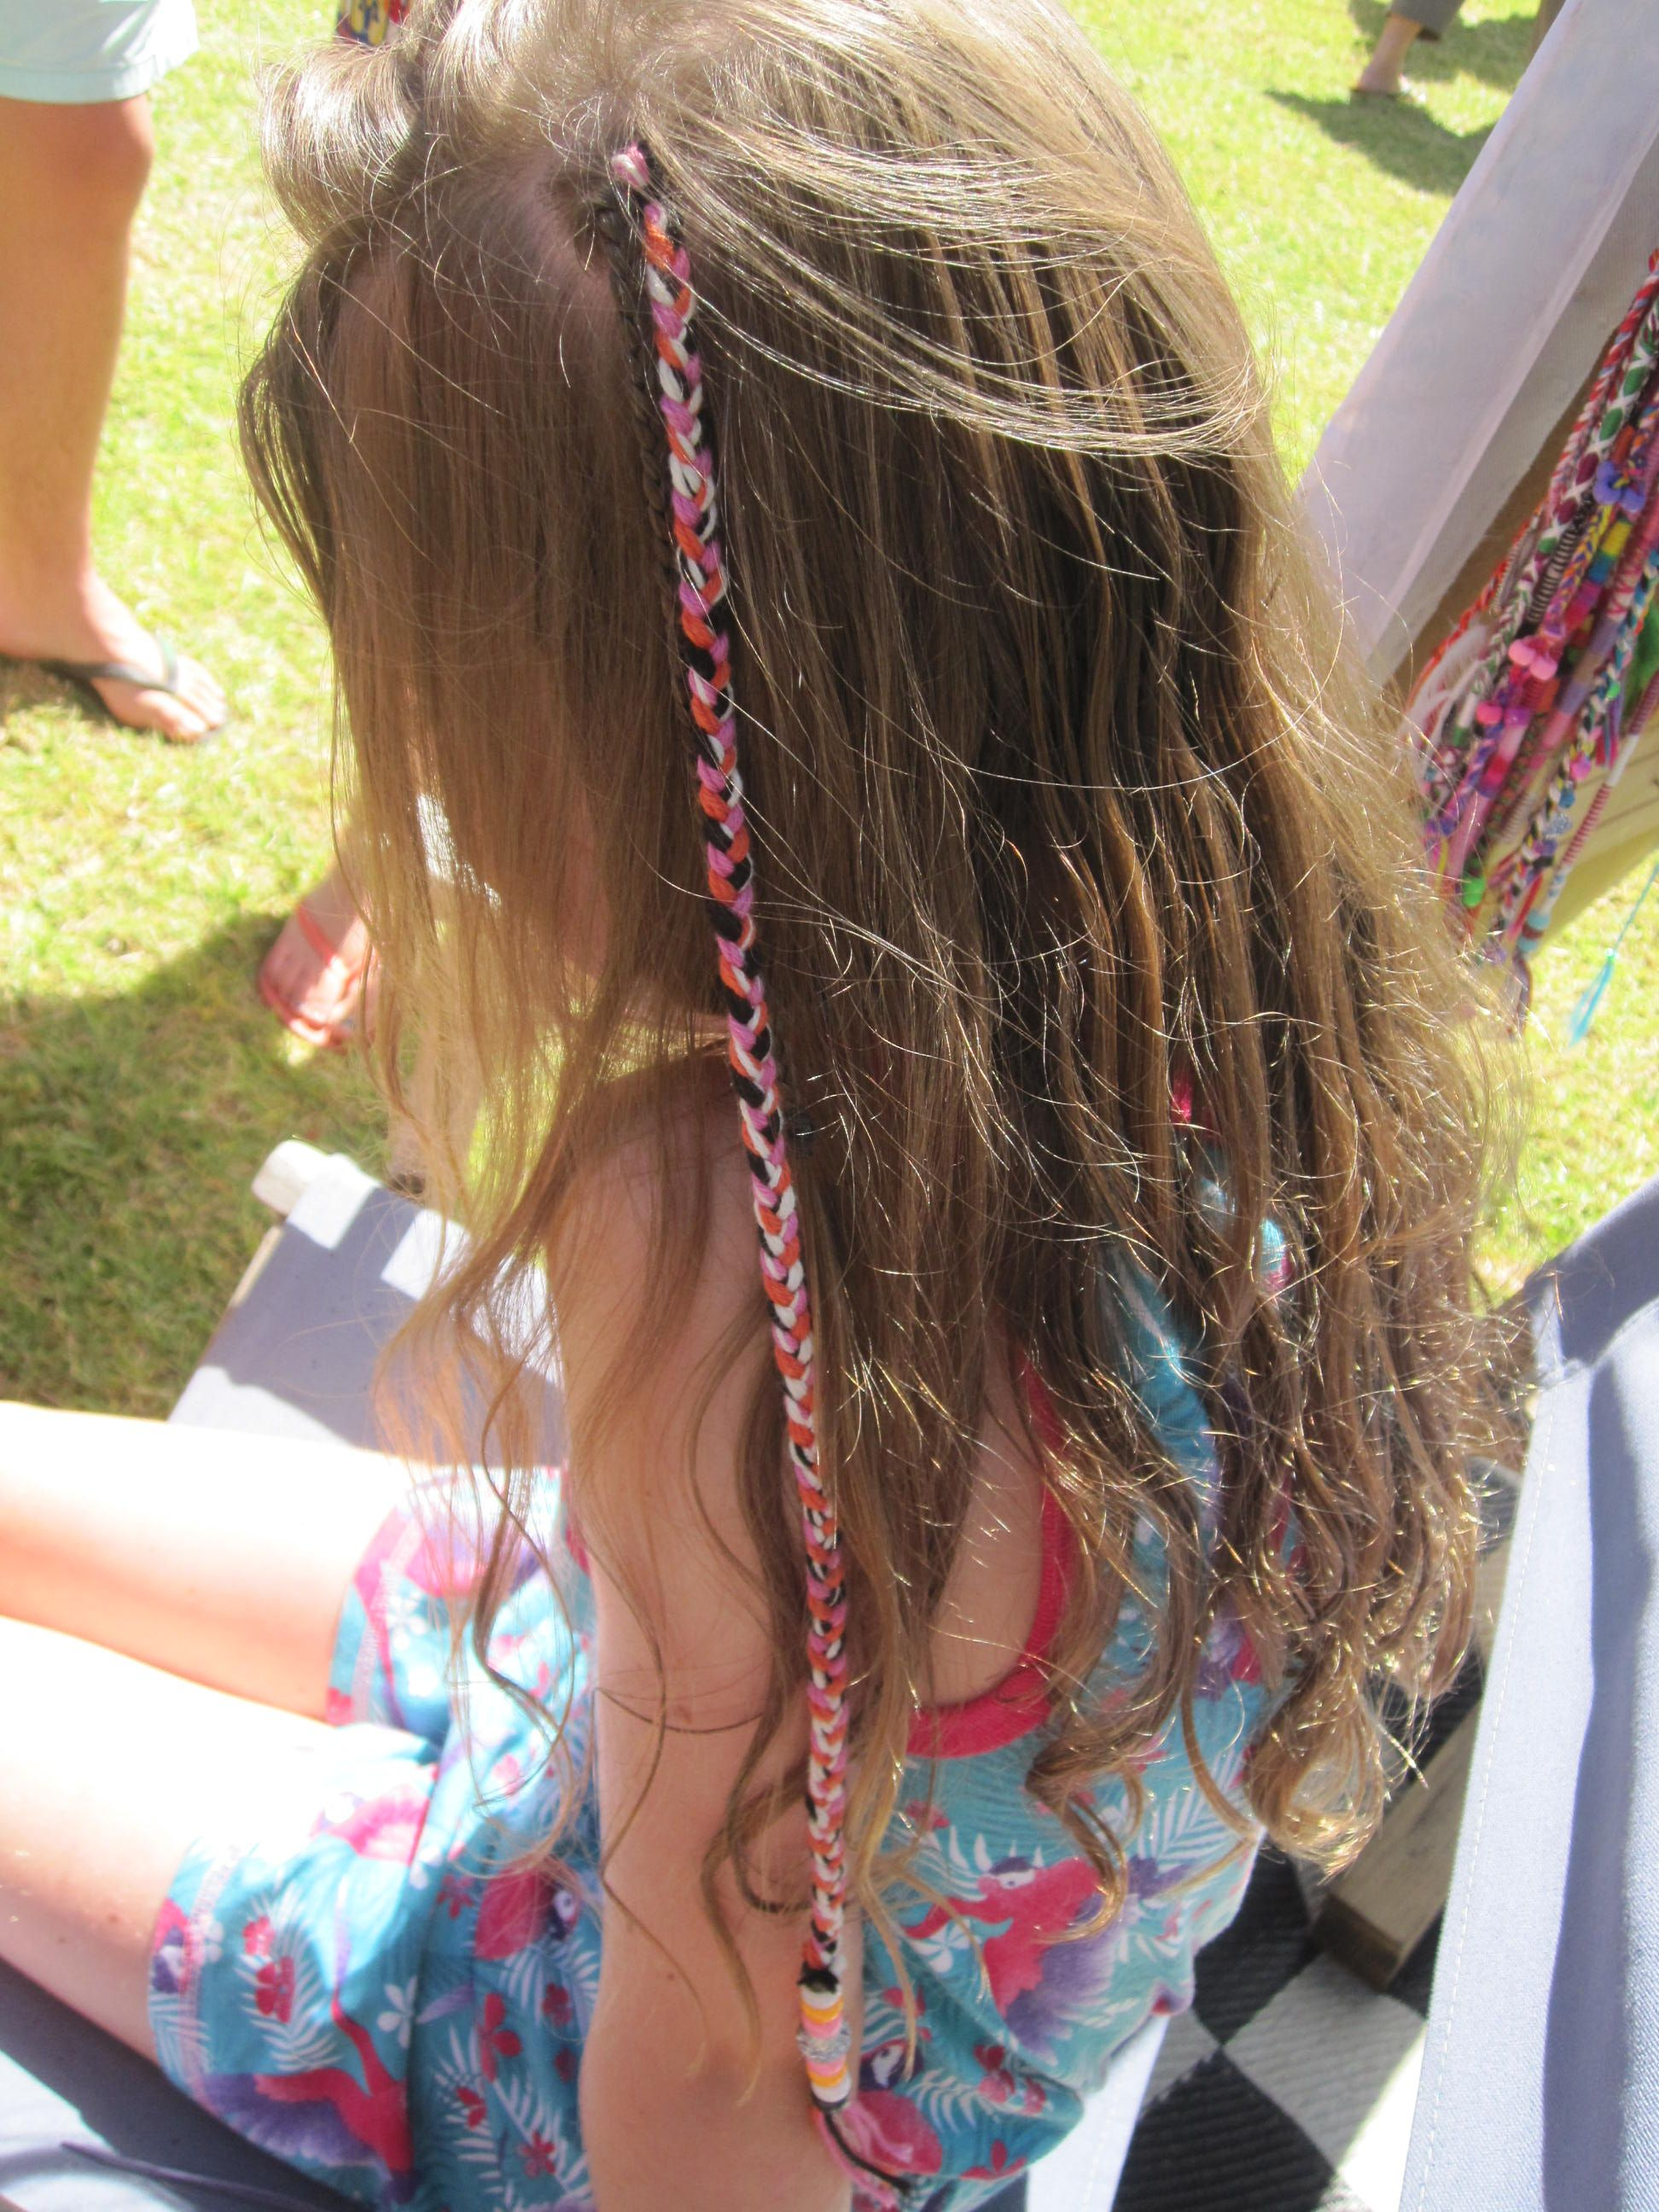 Hair Braid Hair Wrap Hair Braids Nz Hair Wraps Nz Hair Braids New Zealand Hair Wraps New Zealand Island Hair Braids Nz Hair Wraps Island Hair Hair Wrap